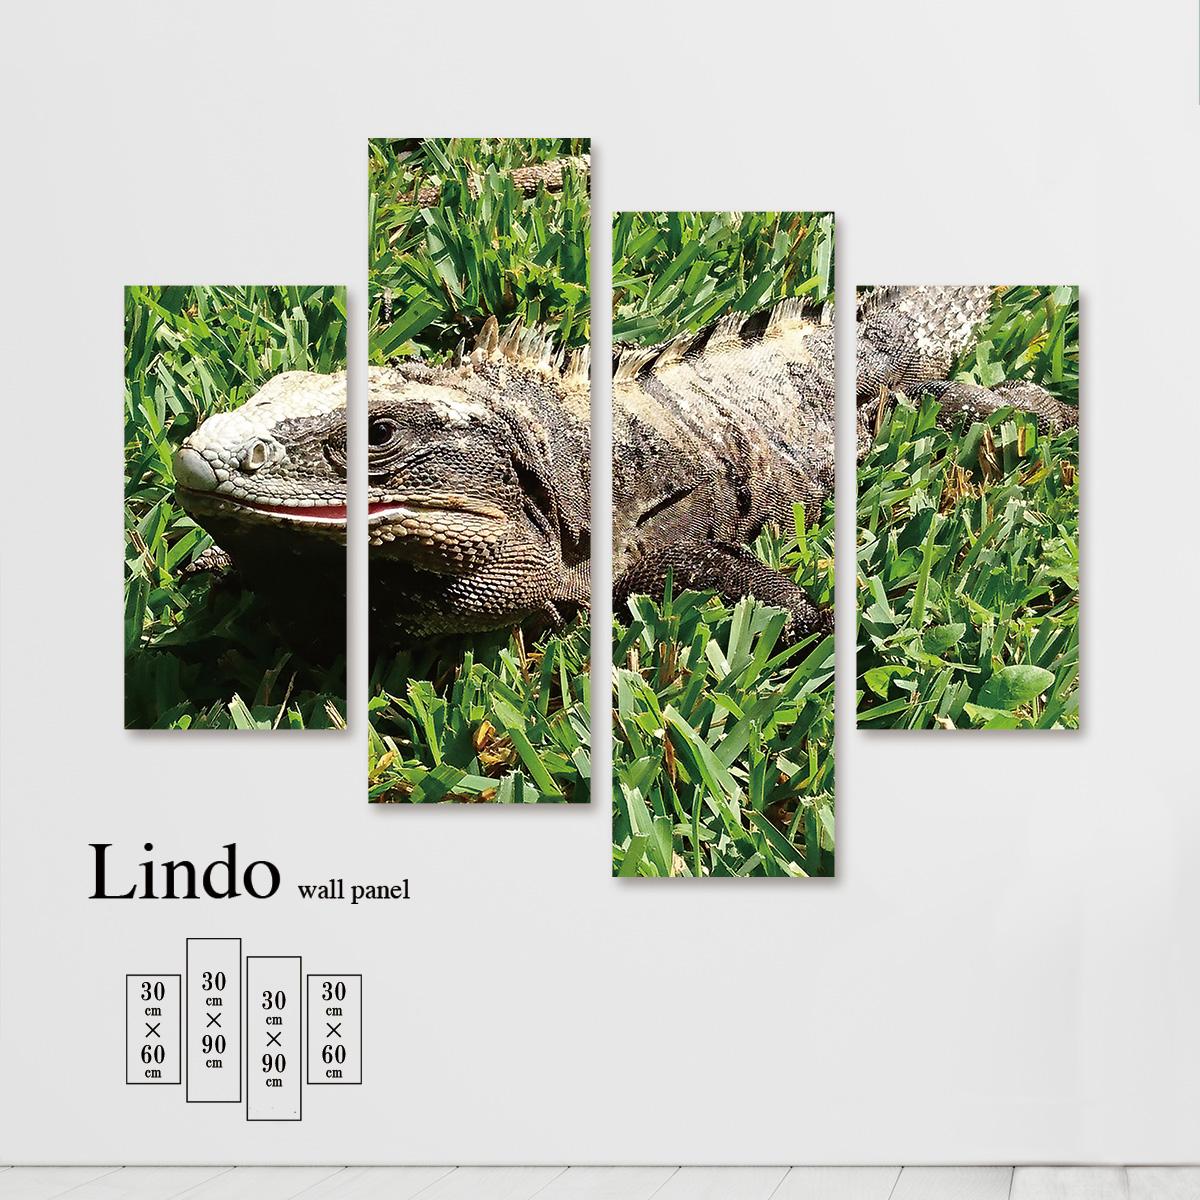 アートパネル 動物 コモドドラゴン トカゲ 爬虫類 自然 グリーン 葉っぱ 壁掛け 北欧 お洒落 デザイン ファブリック 壁飾り アートボード 4枚パネル